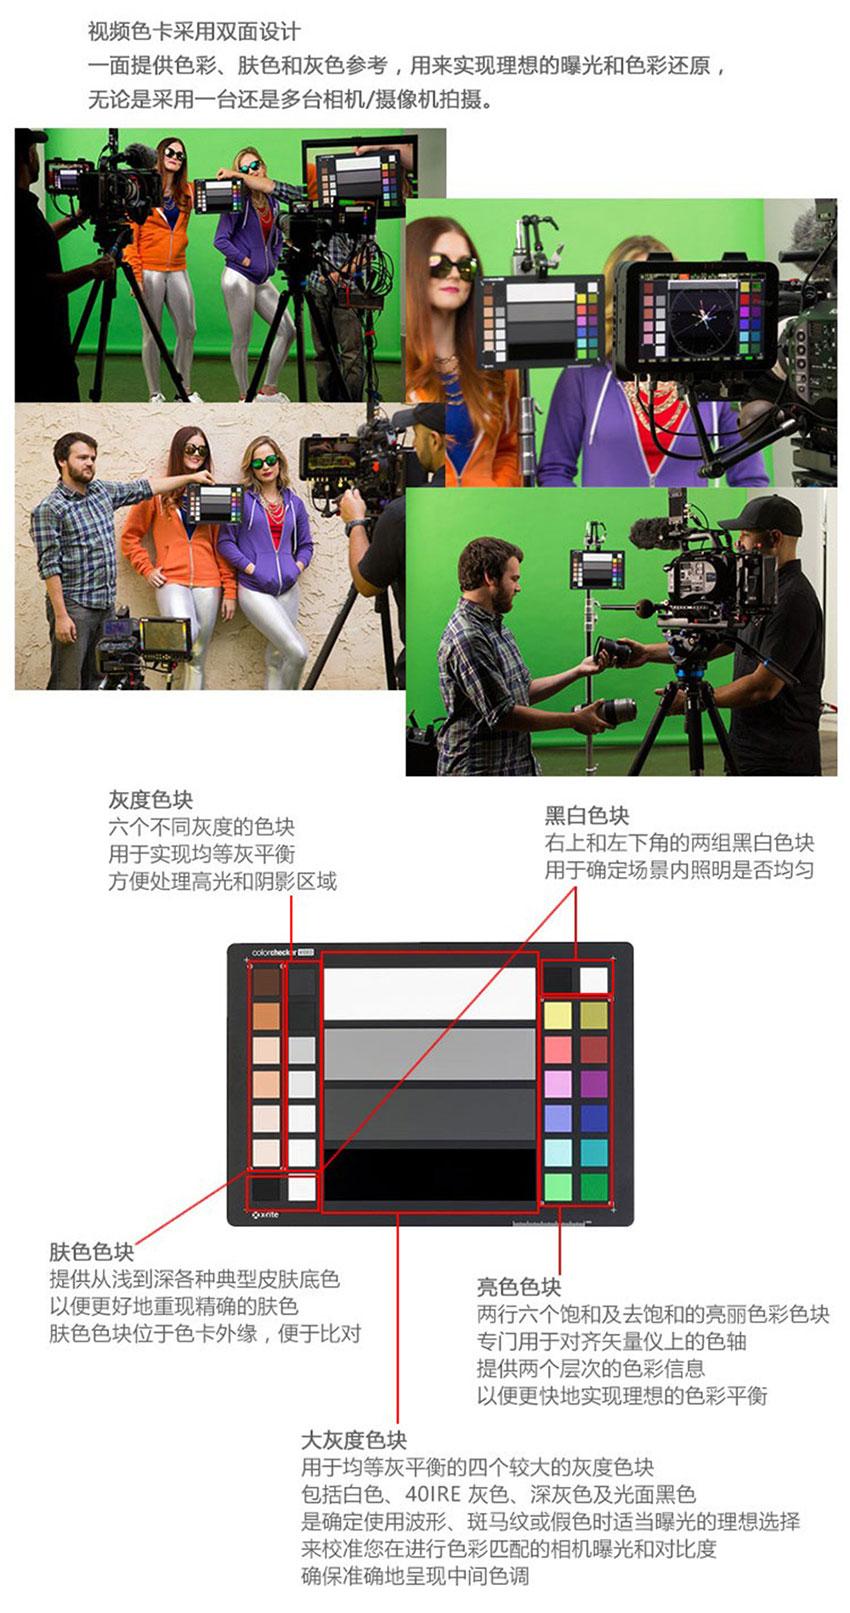 ColorChecker-Video-2